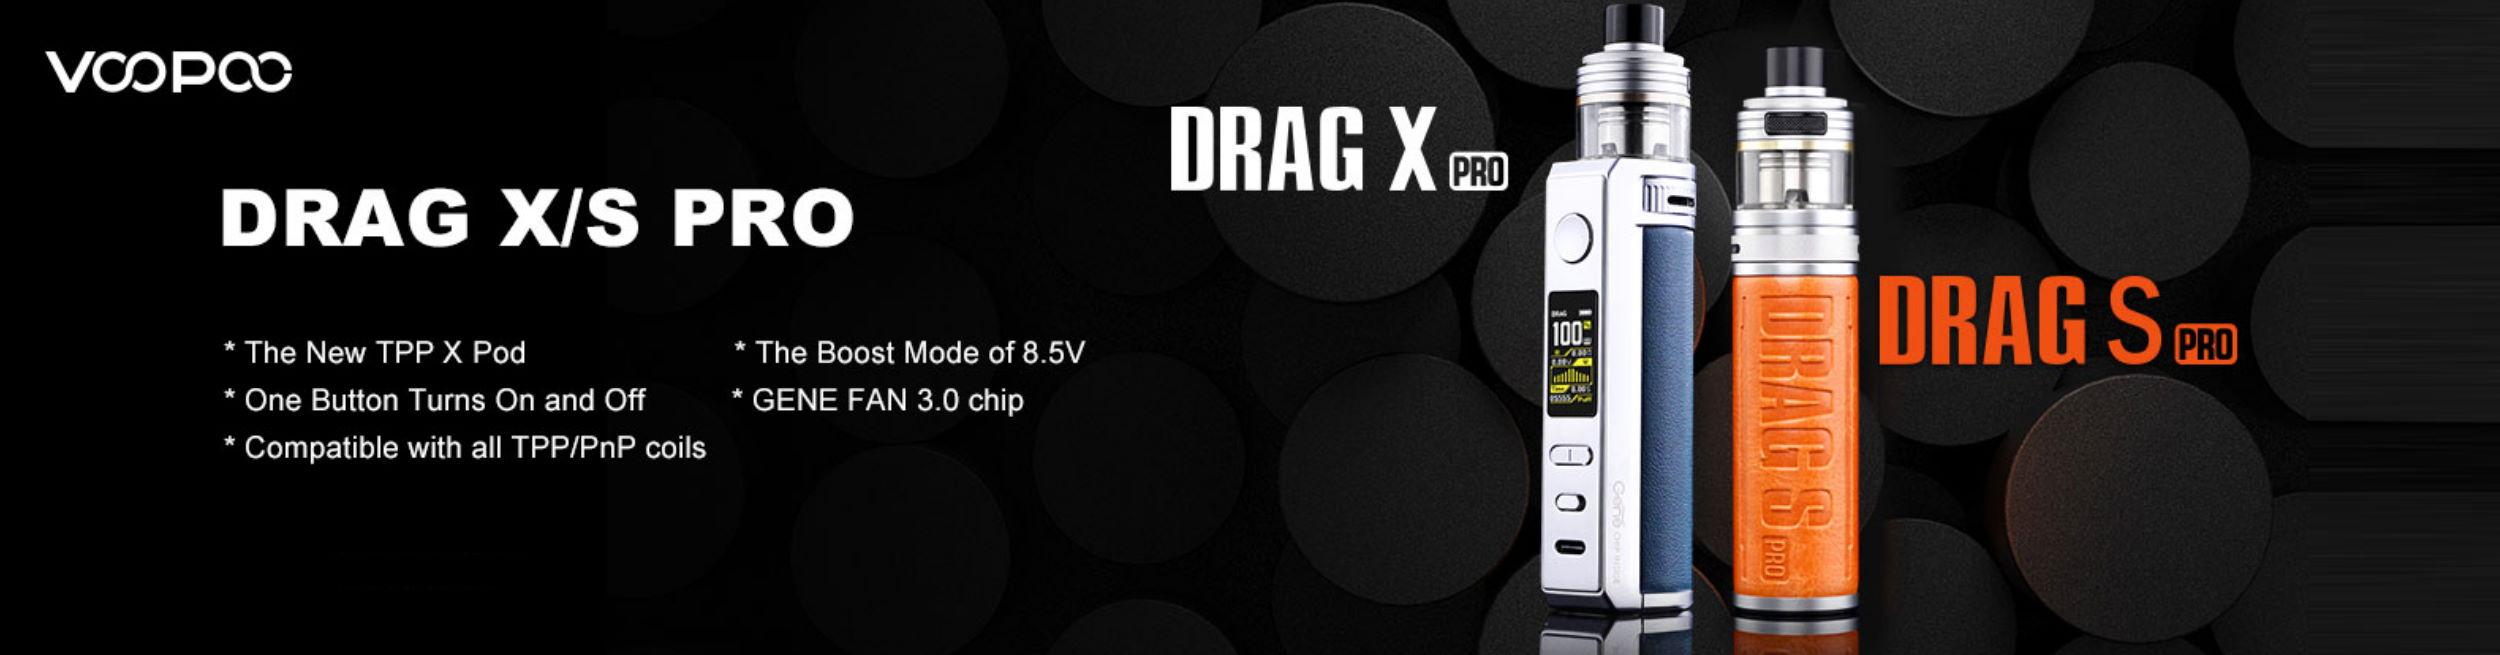 VOOPOO Drag X / S Pro Pod Kit